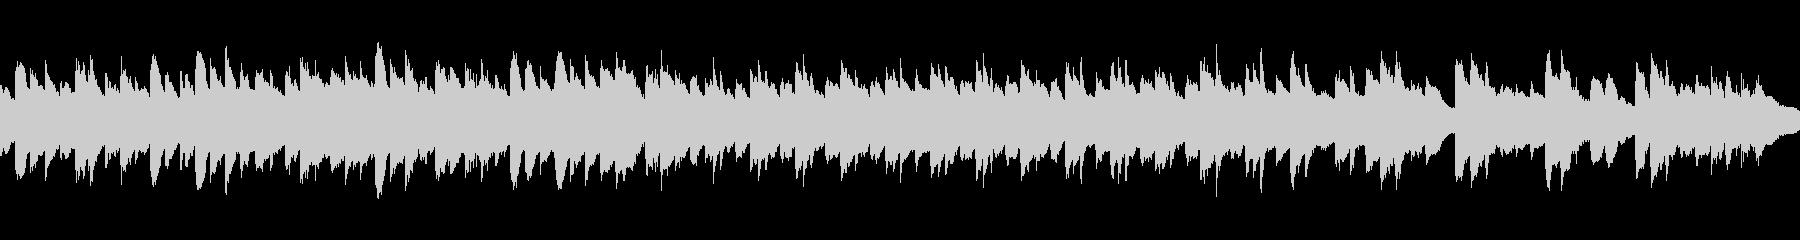 【ループ対応】3拍子の優しいピアノBGMの未再生の波形